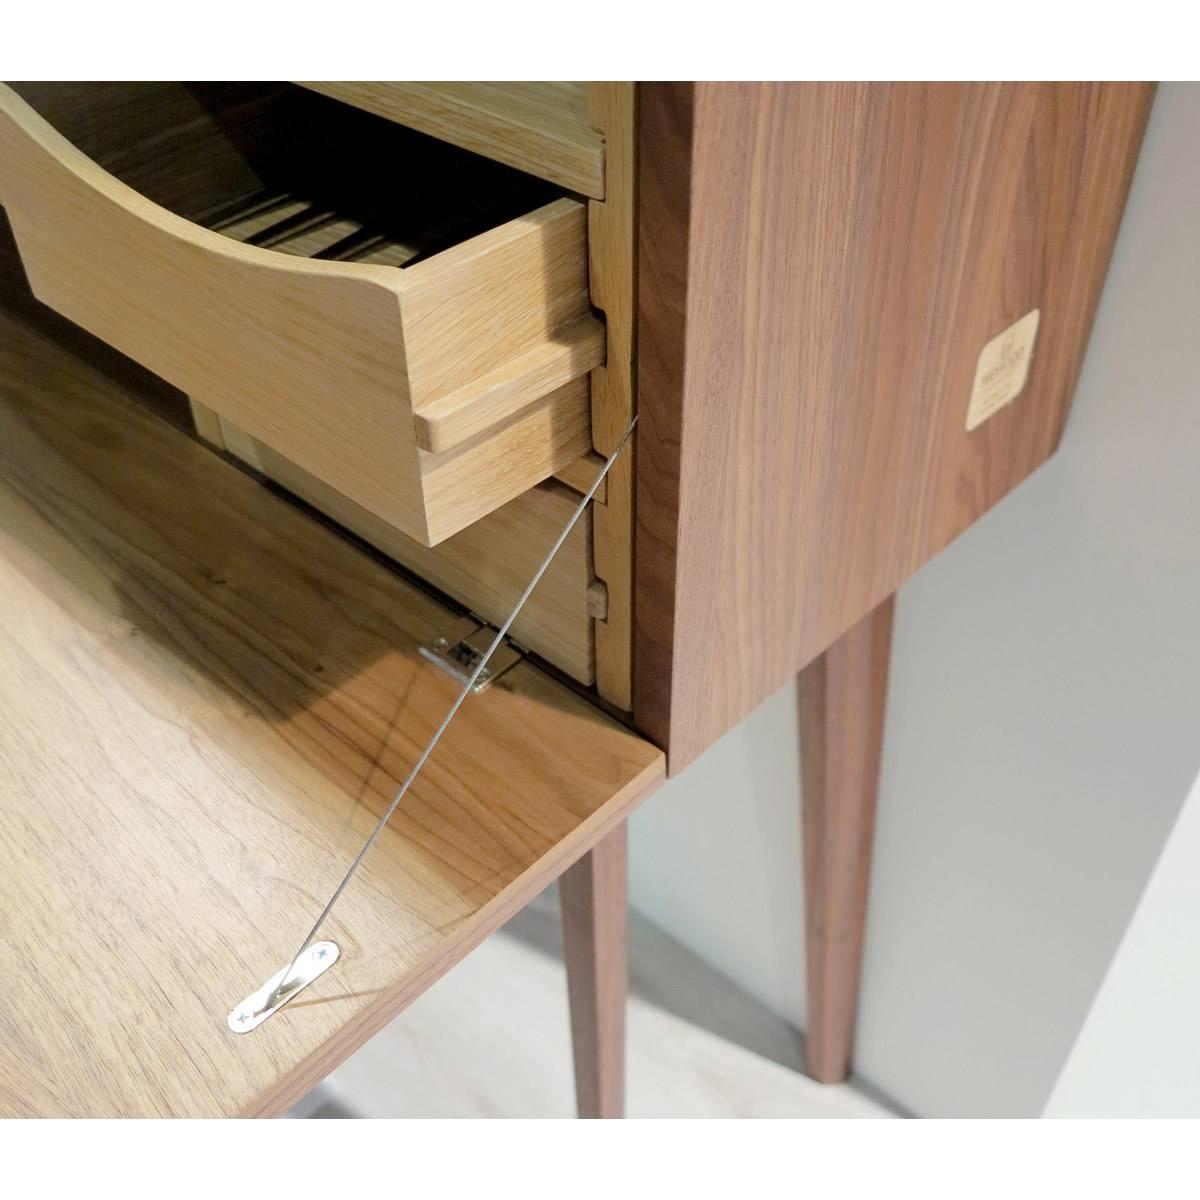 Mister Bar/sideboard/desk | Wewood | Horne Throughout Desk Sideboard (#16 of 20)